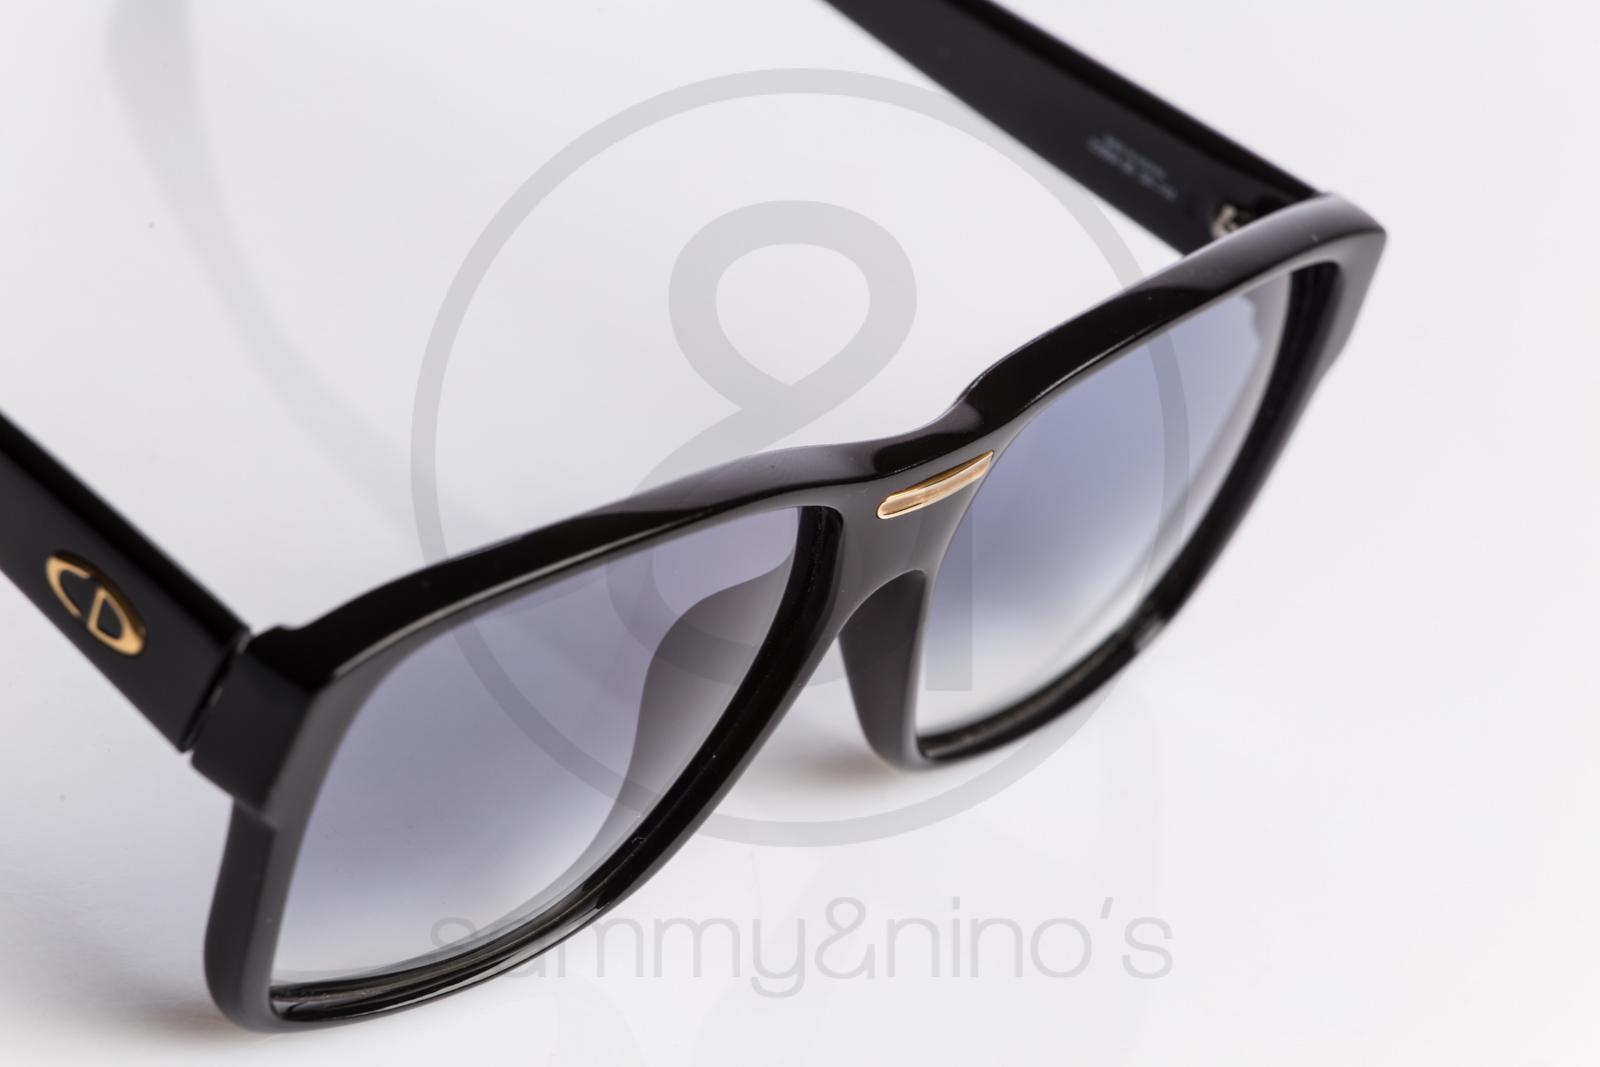 Dior Glasses Frame 2015 : Christian Dior 2386A Sammy & Ninos Store